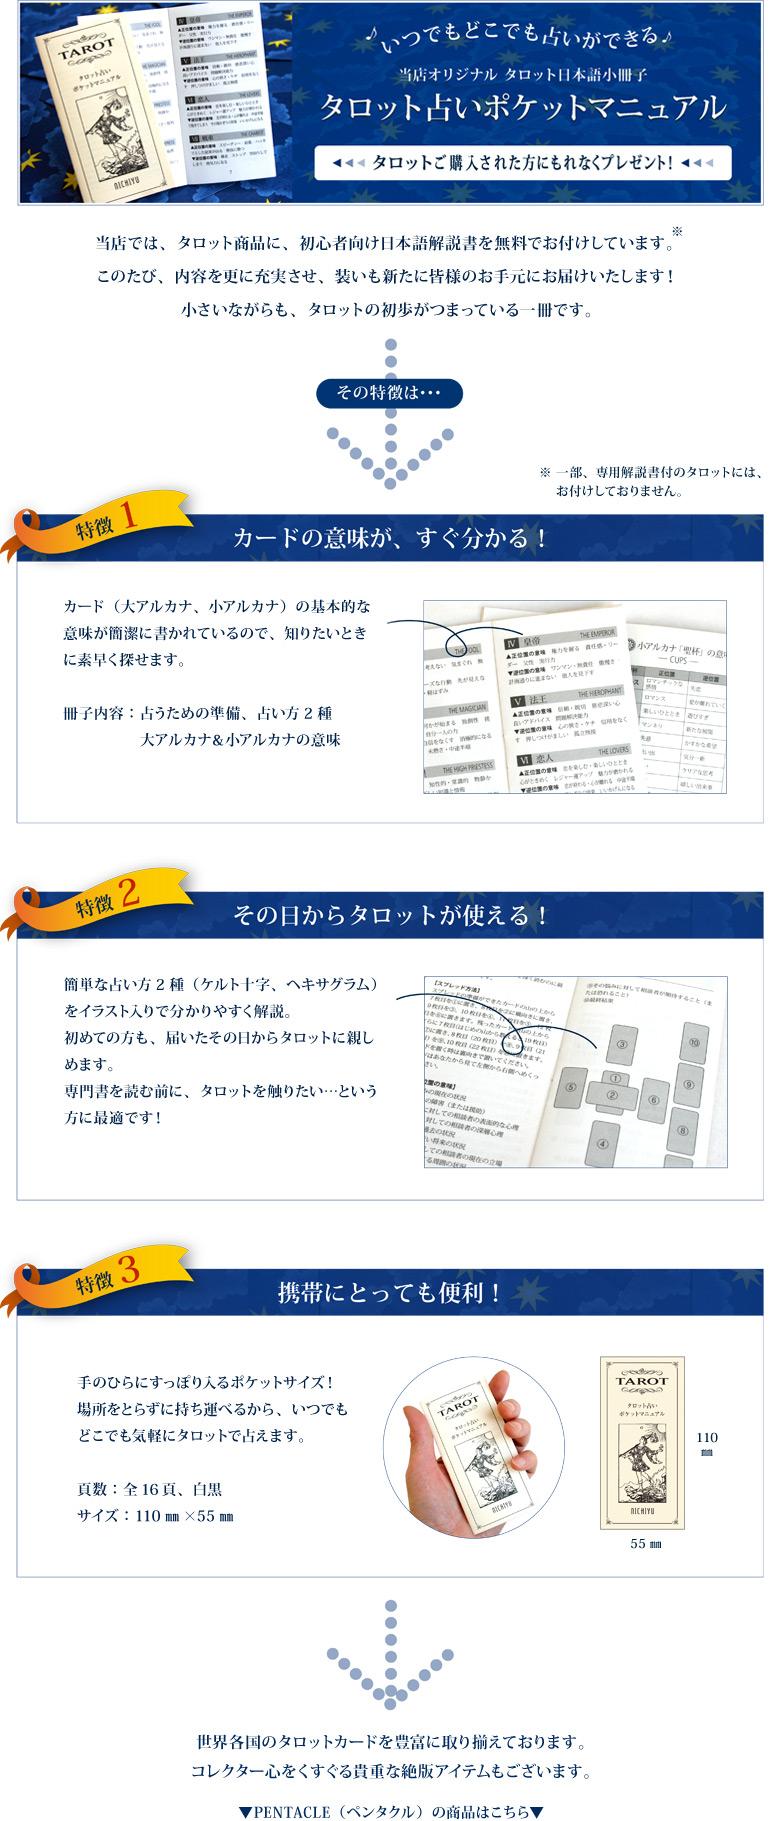 ♪いつでもどこでも占いができる♪当店オリジナル タロット日本語小冊子「タロット占いポケットマニュアル」タロットに無料でお付けしています!  <特徴1> カードの意味が、すぐ分かる! カード(大アルカナ、小アルカナ)の基本的な意味が簡潔に書かれているので、知りたいときに素早く探せます。  <特徴2> その日からタロットが使える! 簡単な占い方2種(ケルト十字、ヘキサグラム)をイラスト入りで分かりやすく解説。 初めての方も、届いたその日からタロットに親しめます。 専門書を読む前に、タロットを触りたい…という方に最適です!  <特徴3> 携帯にとっても便利! 手のひらにすっぽり入るポケットサイズ! 場所をとらずに持ち運べるから、いつでもどこでも気軽にタロットで占えます。